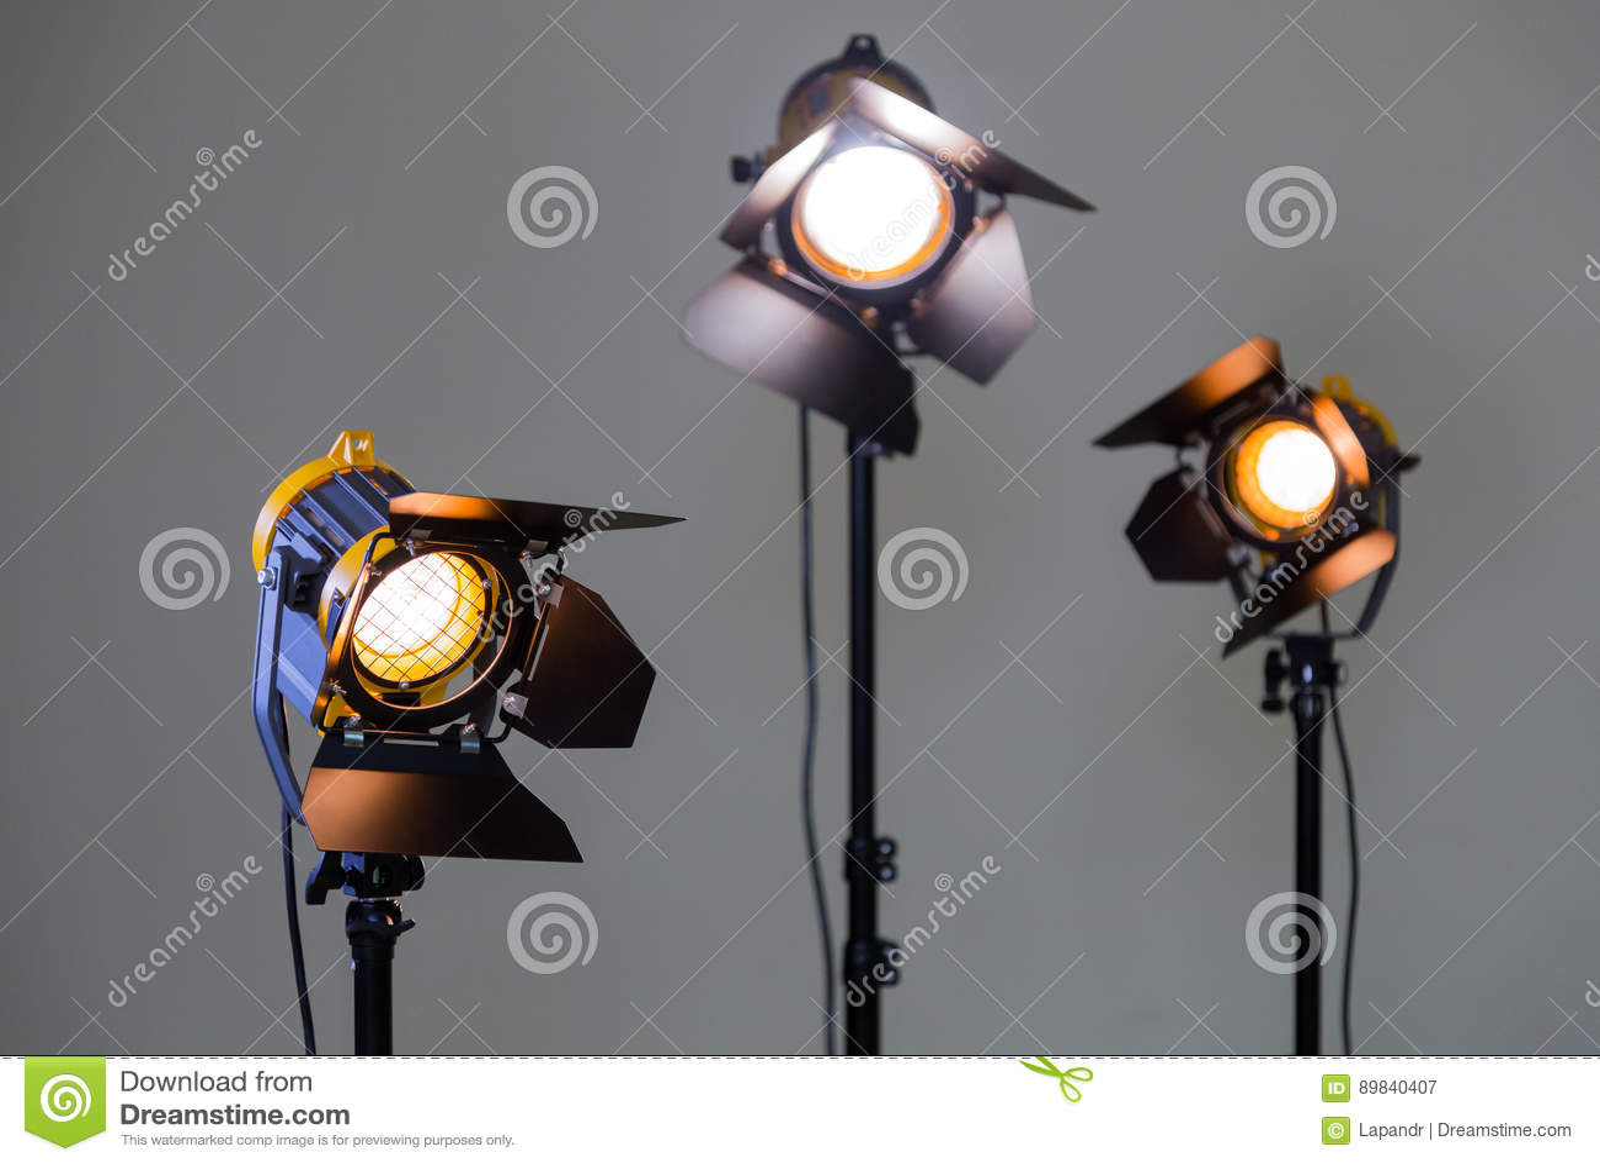 Drei Halogenscheinwerfer mit Fresnellinsen auf einem grauen Hintergrund Fotografieren und Filmen im Innenraum